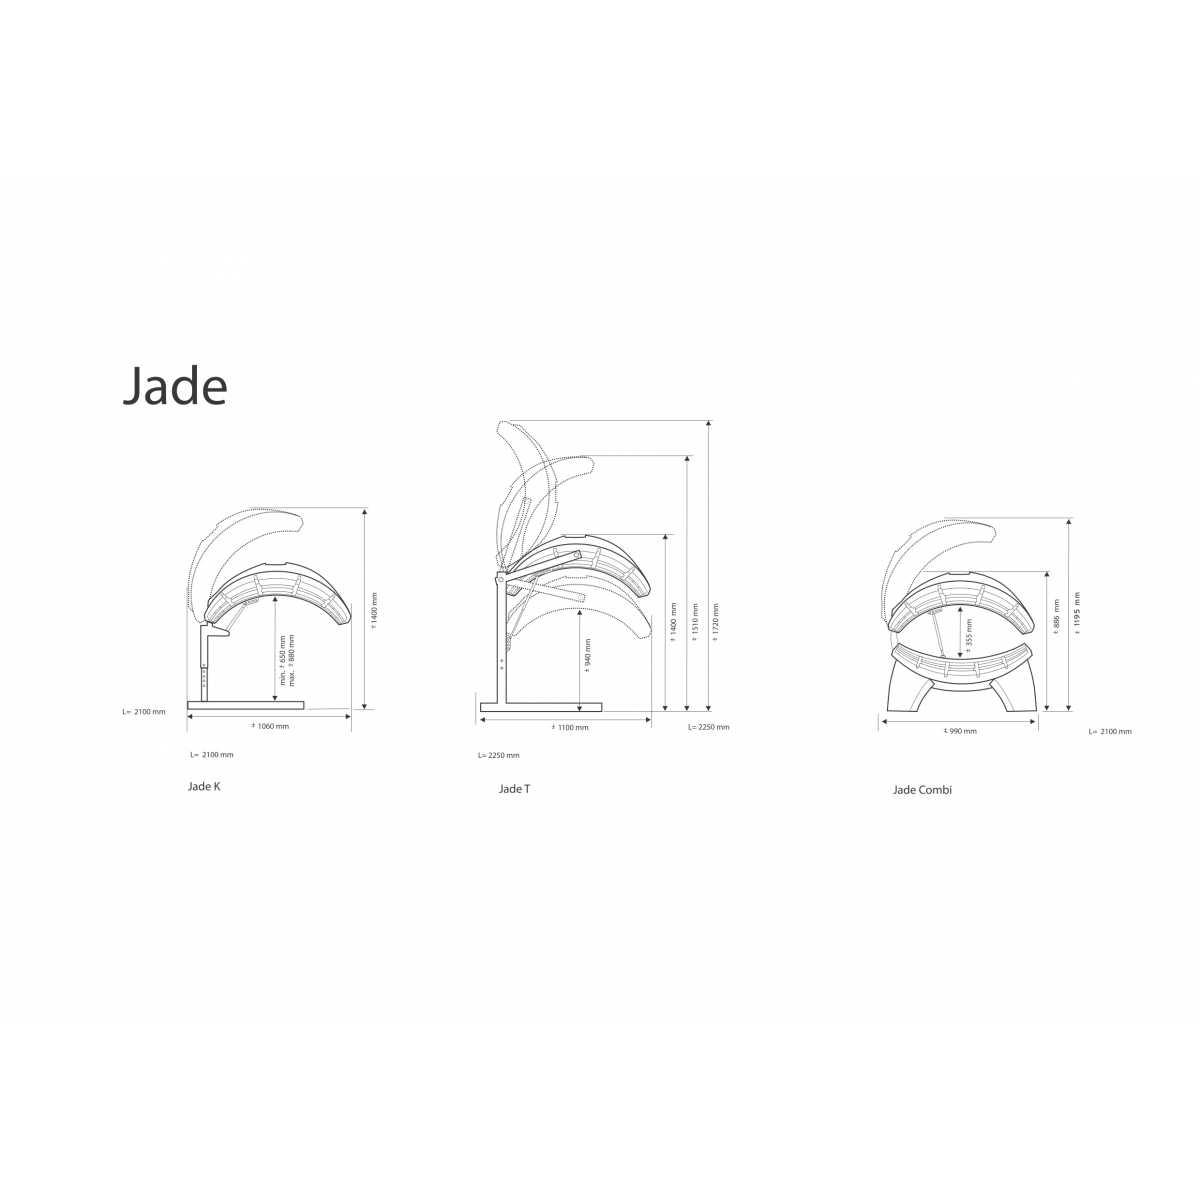 Hapro Jade Jade 24 C Lc - Solarium horizontal intérieur - Solariums domestique - Hapro